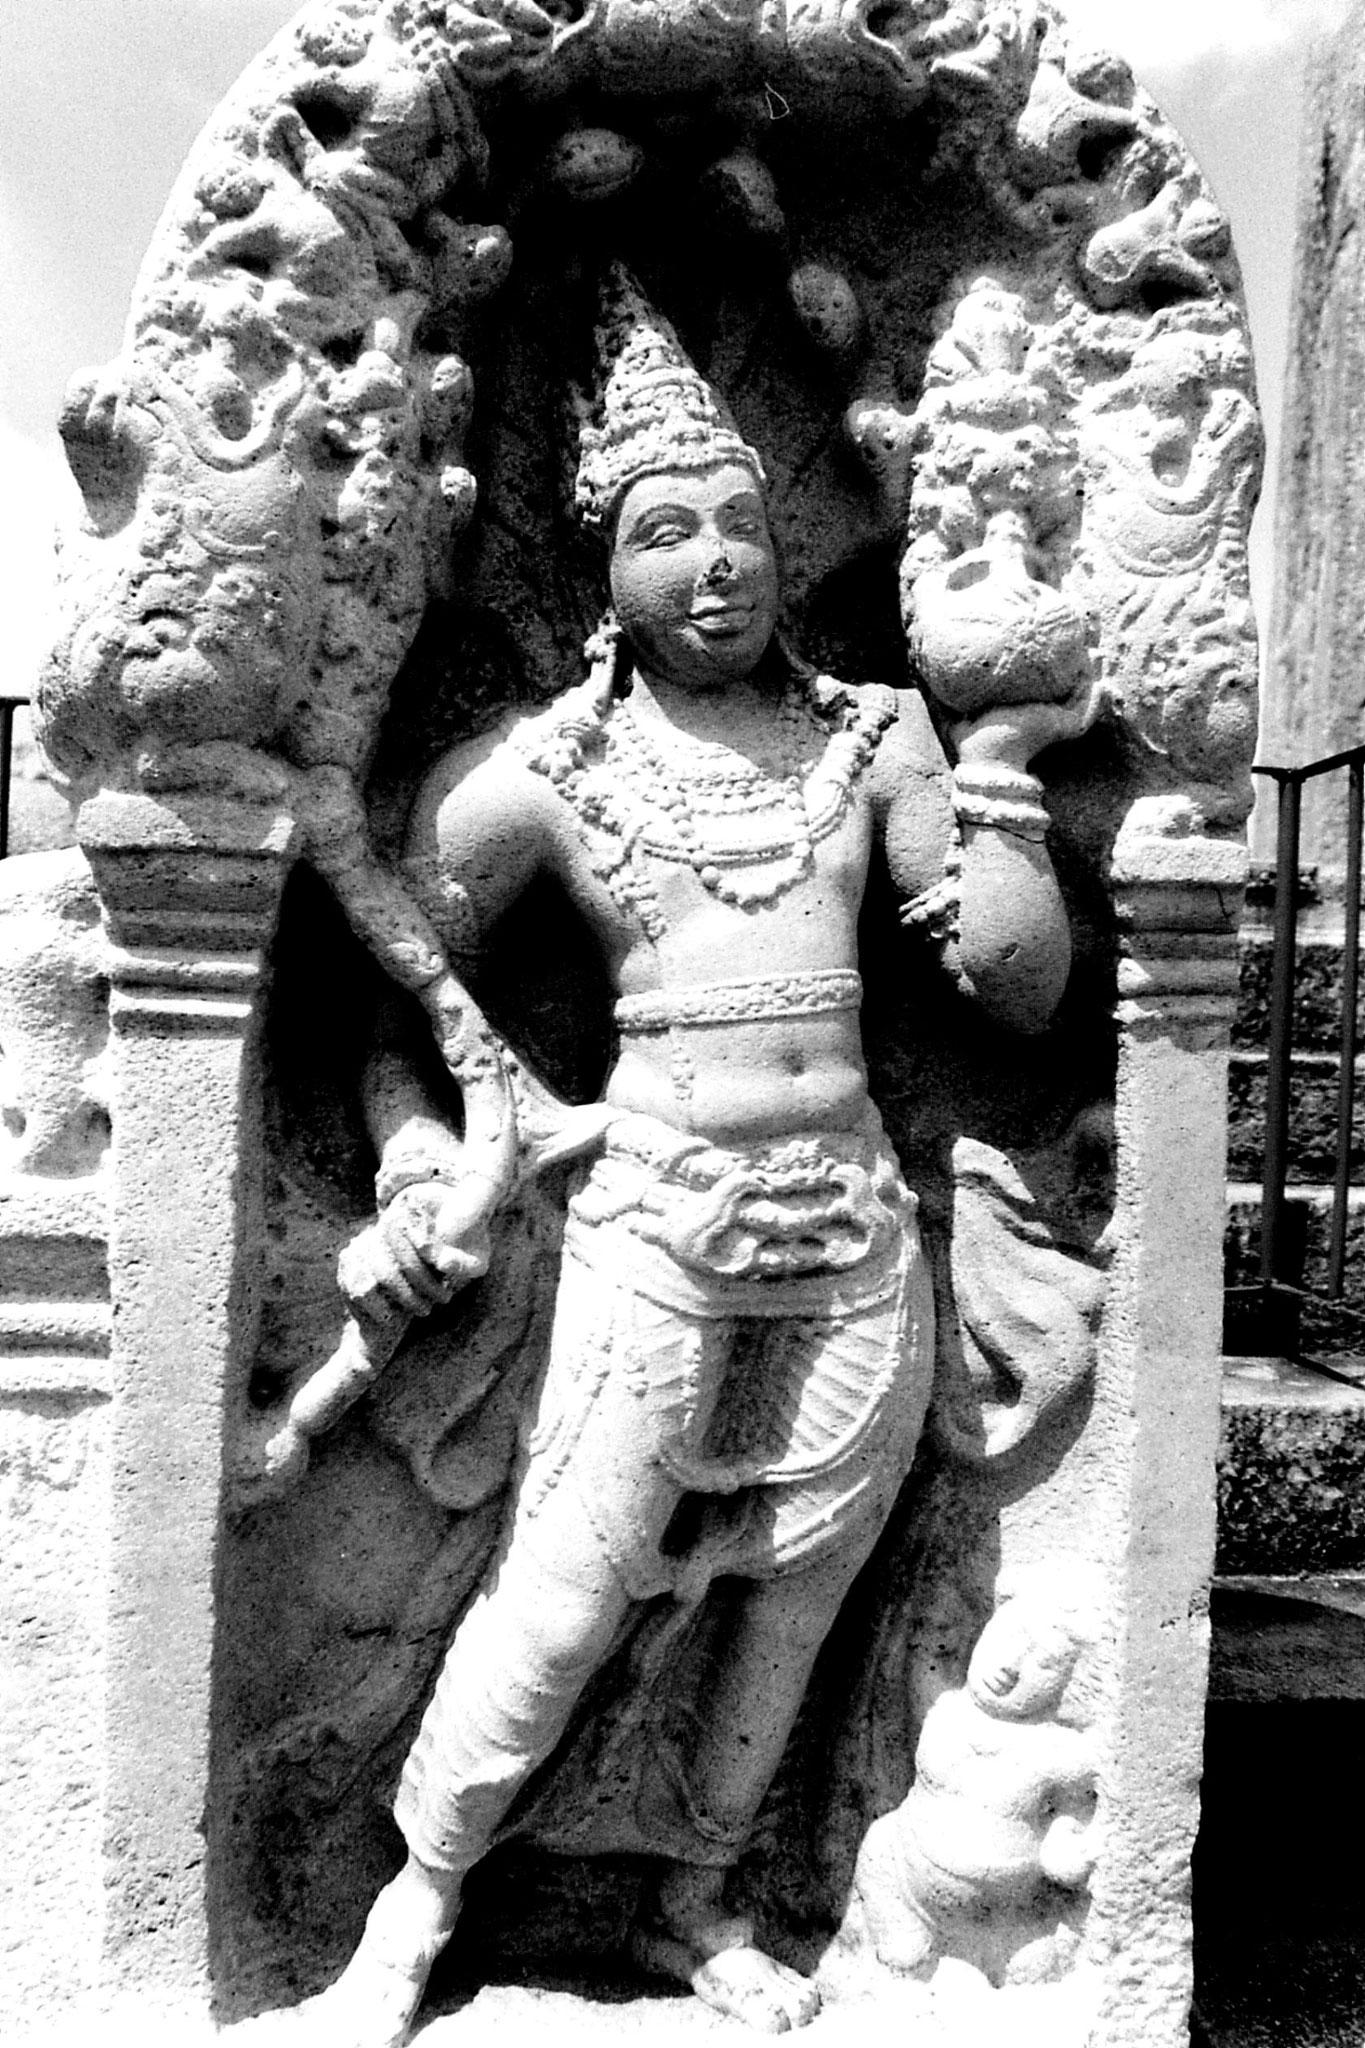 9/2/90: 27: Anuradhapura